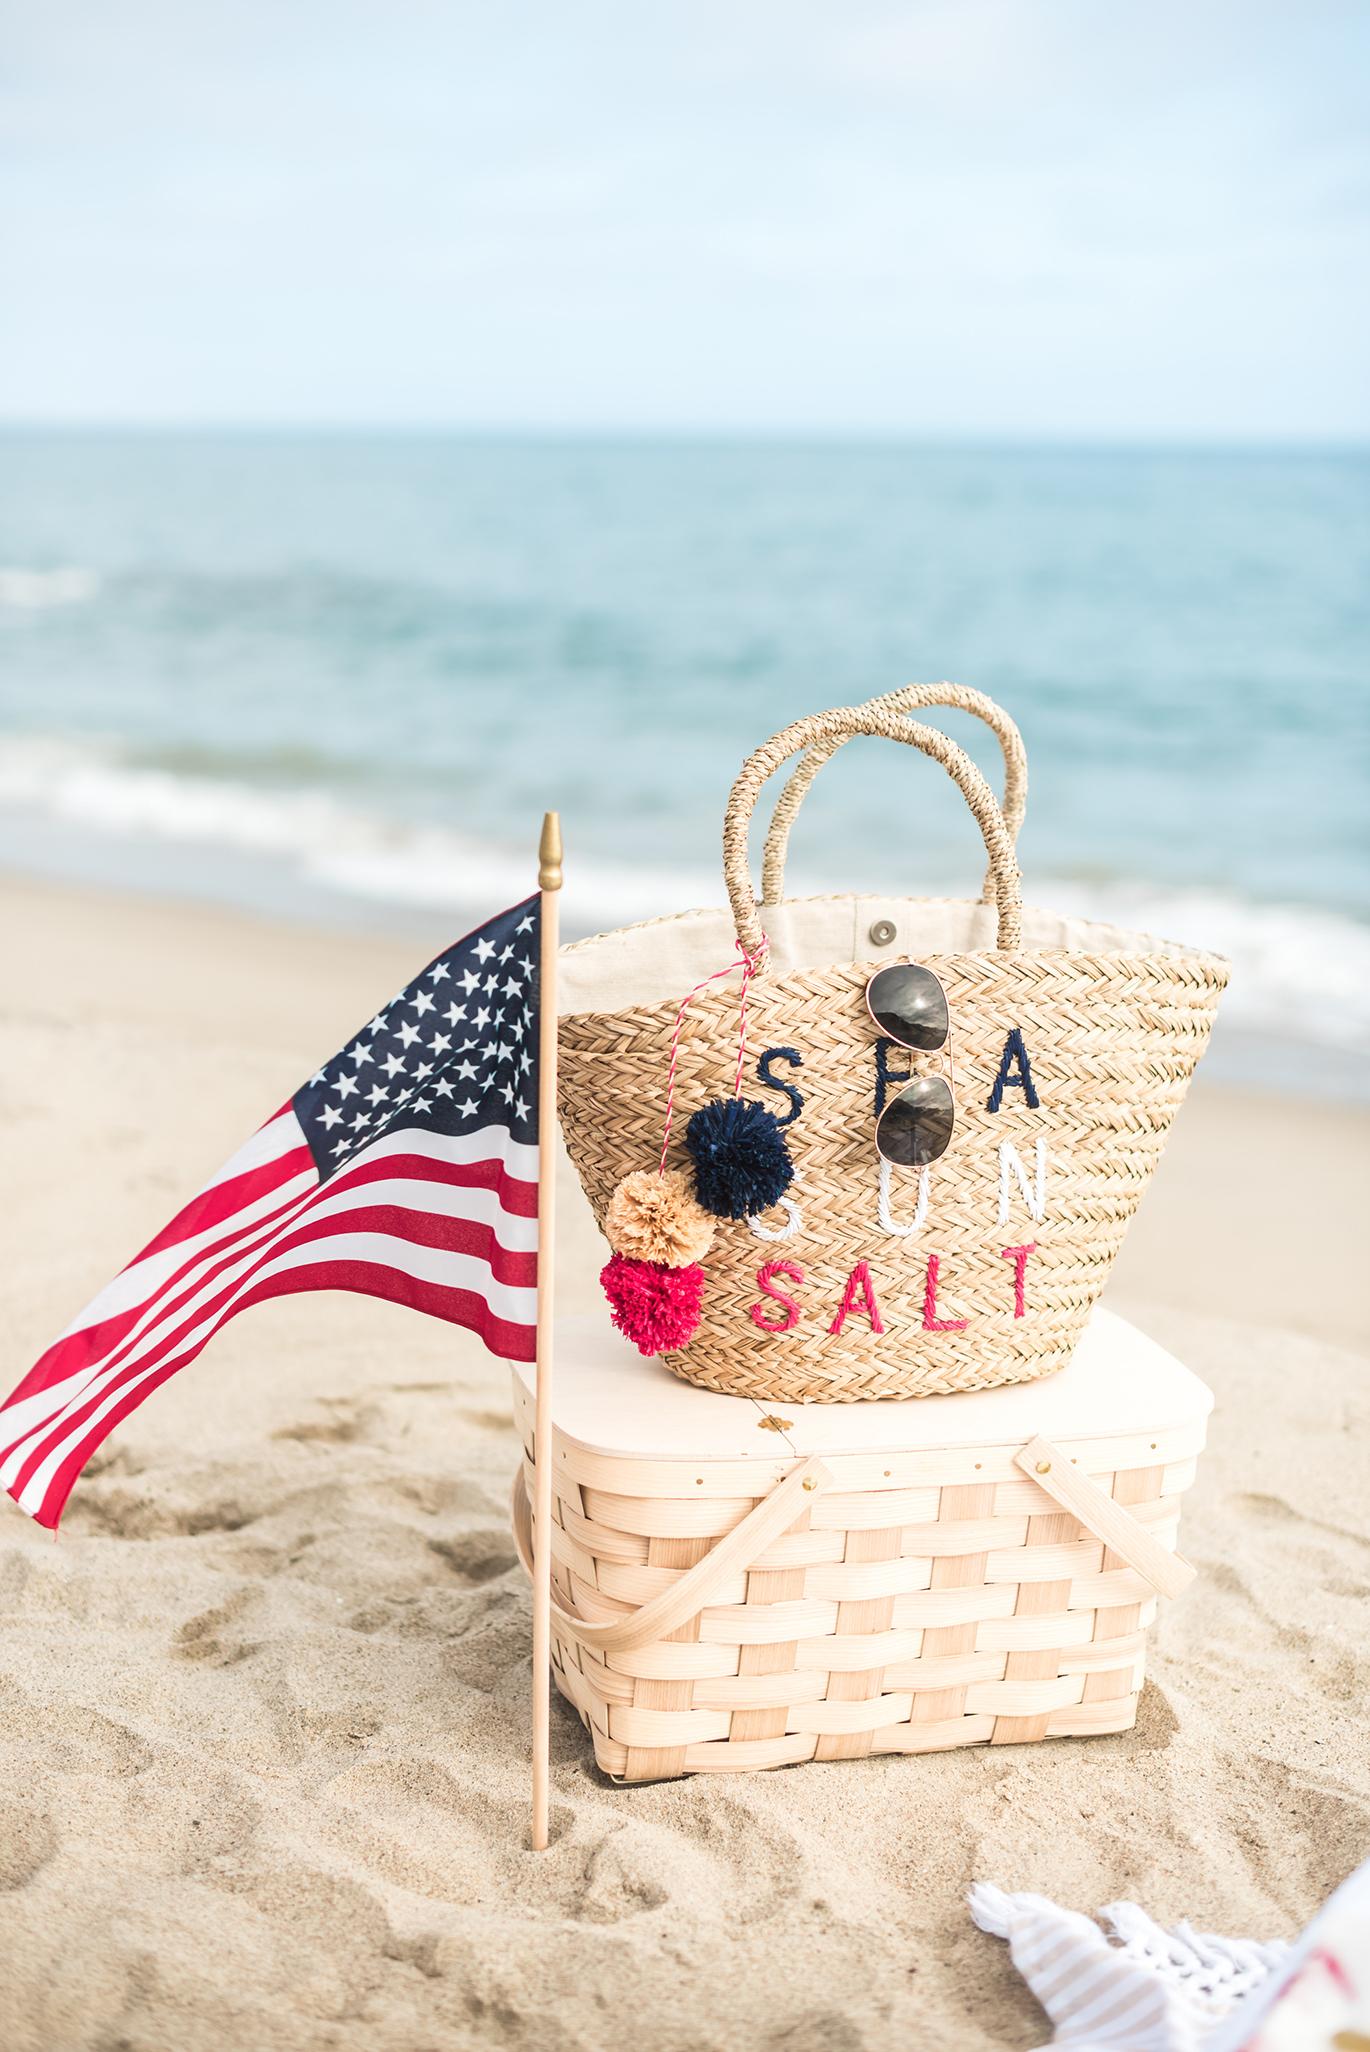 Cute summer beach totes